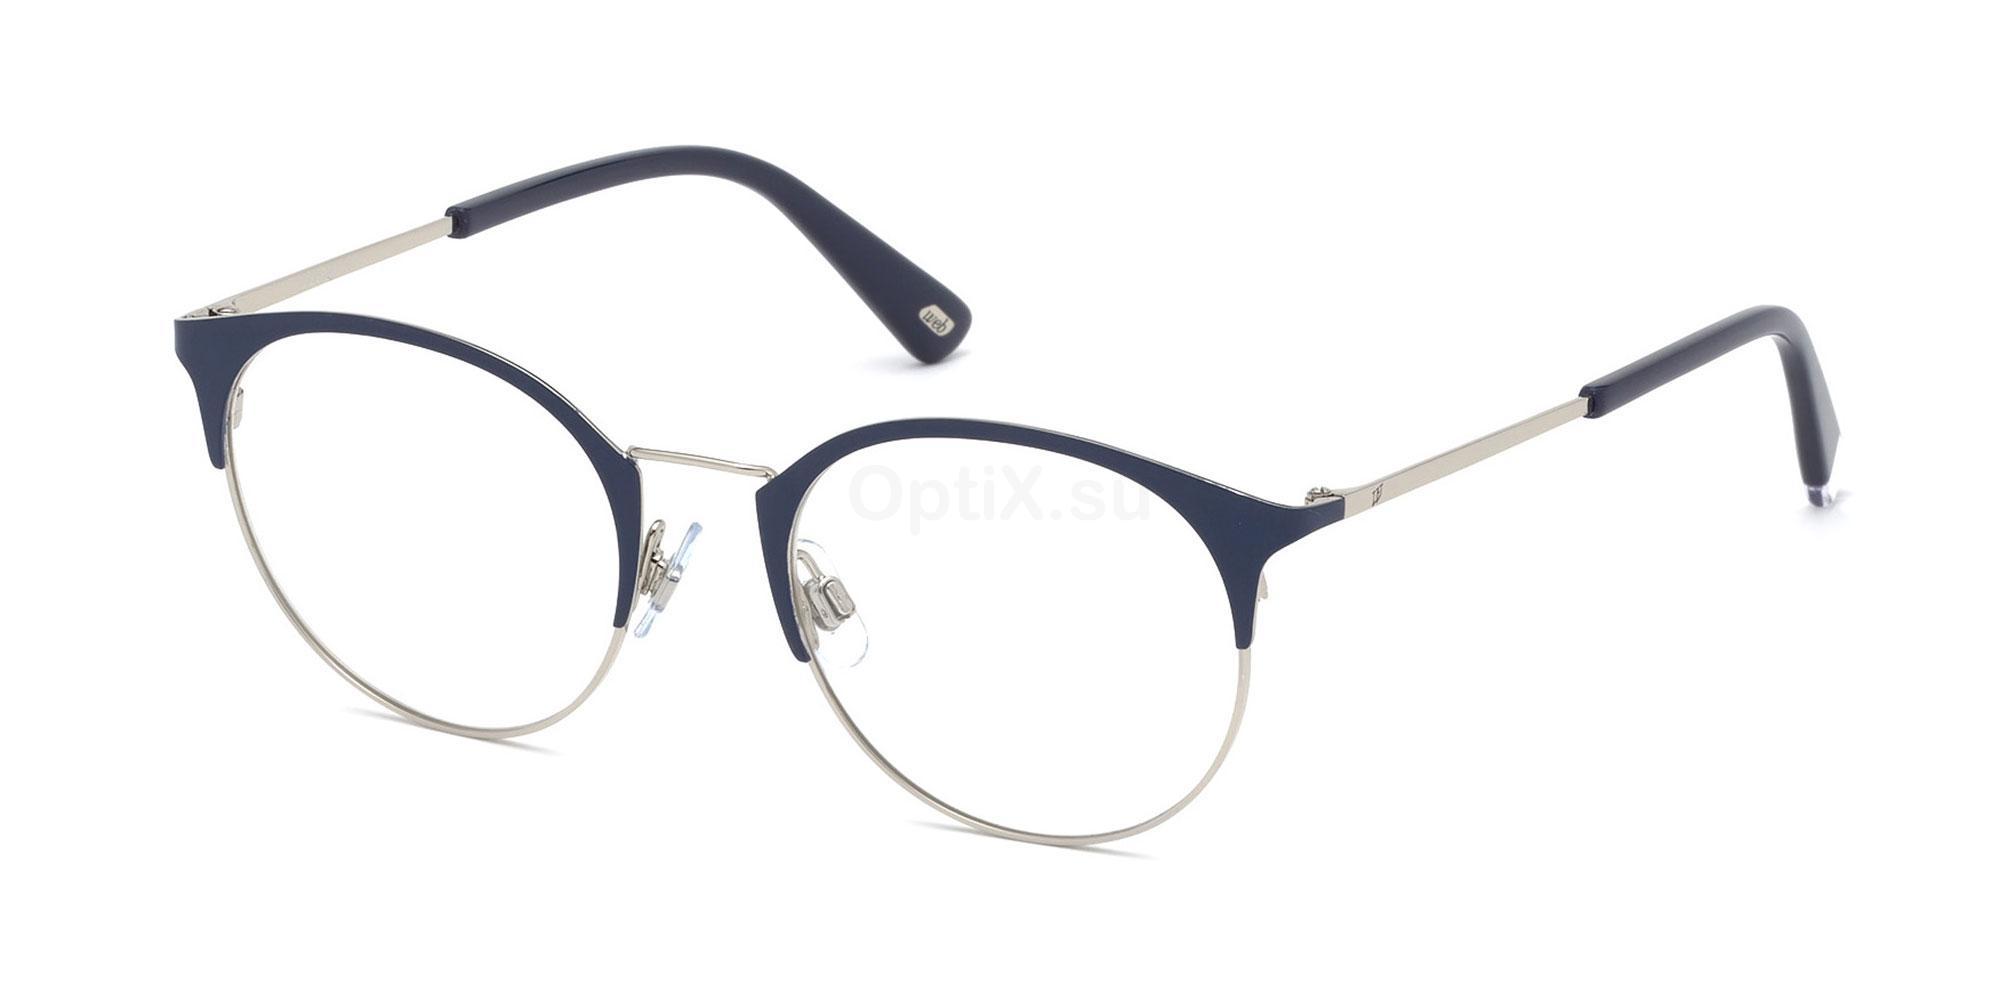 016 WE5303 Glasses, Web